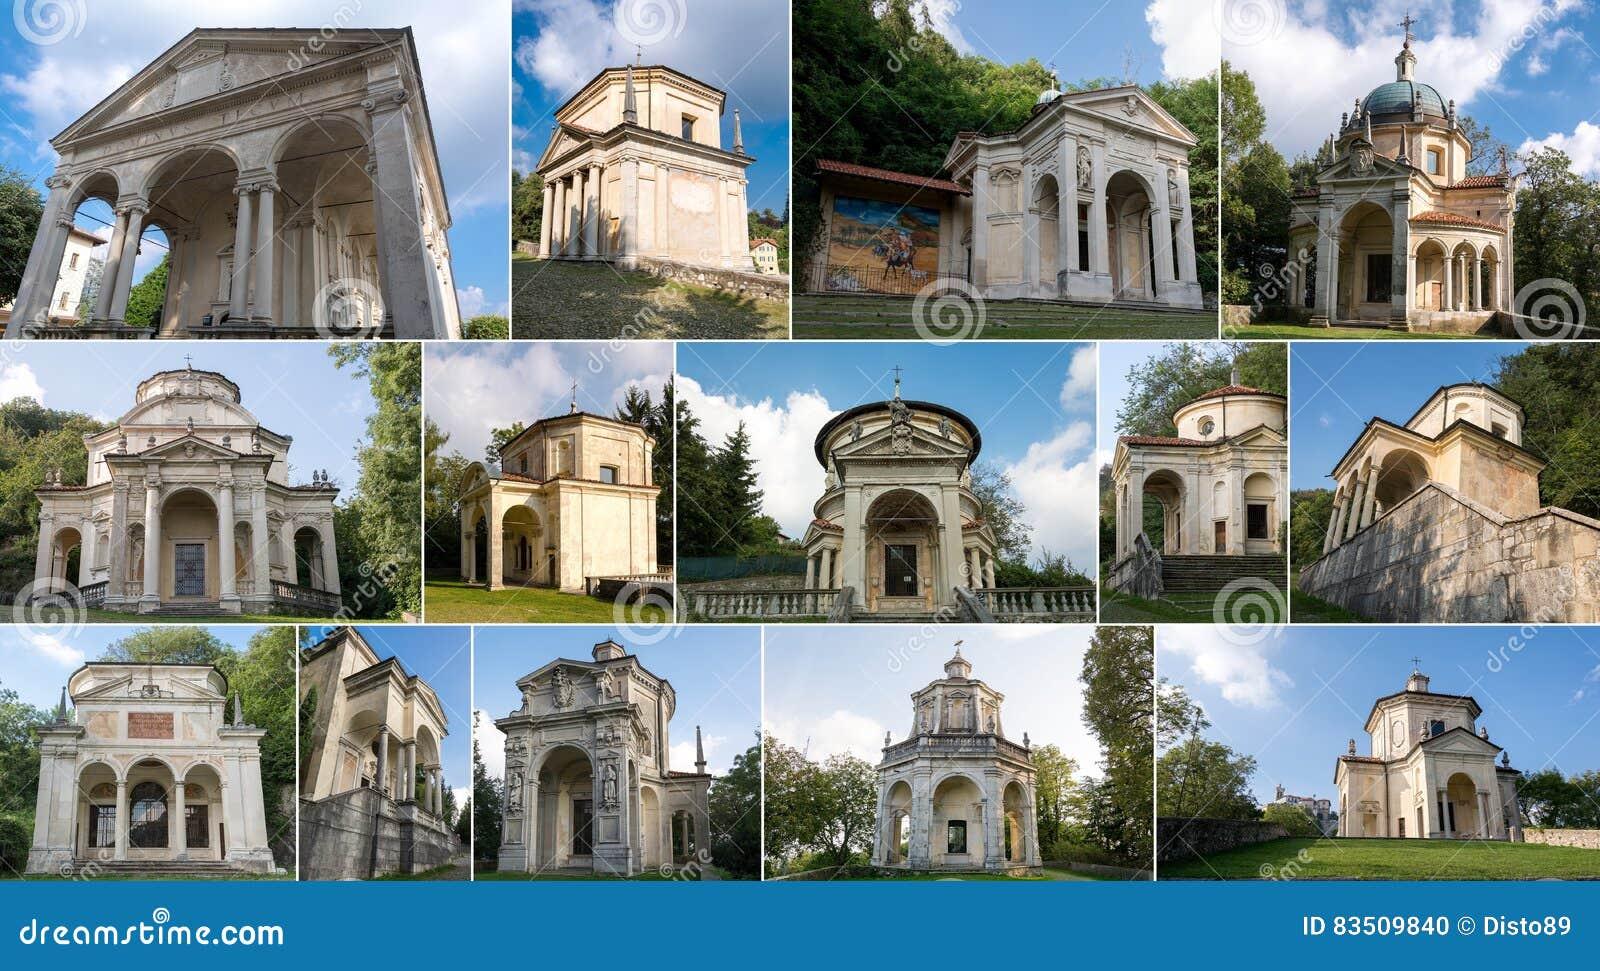 Collage Van Kapels In Sacro Monte Di Varese Italië Stock Foto ...